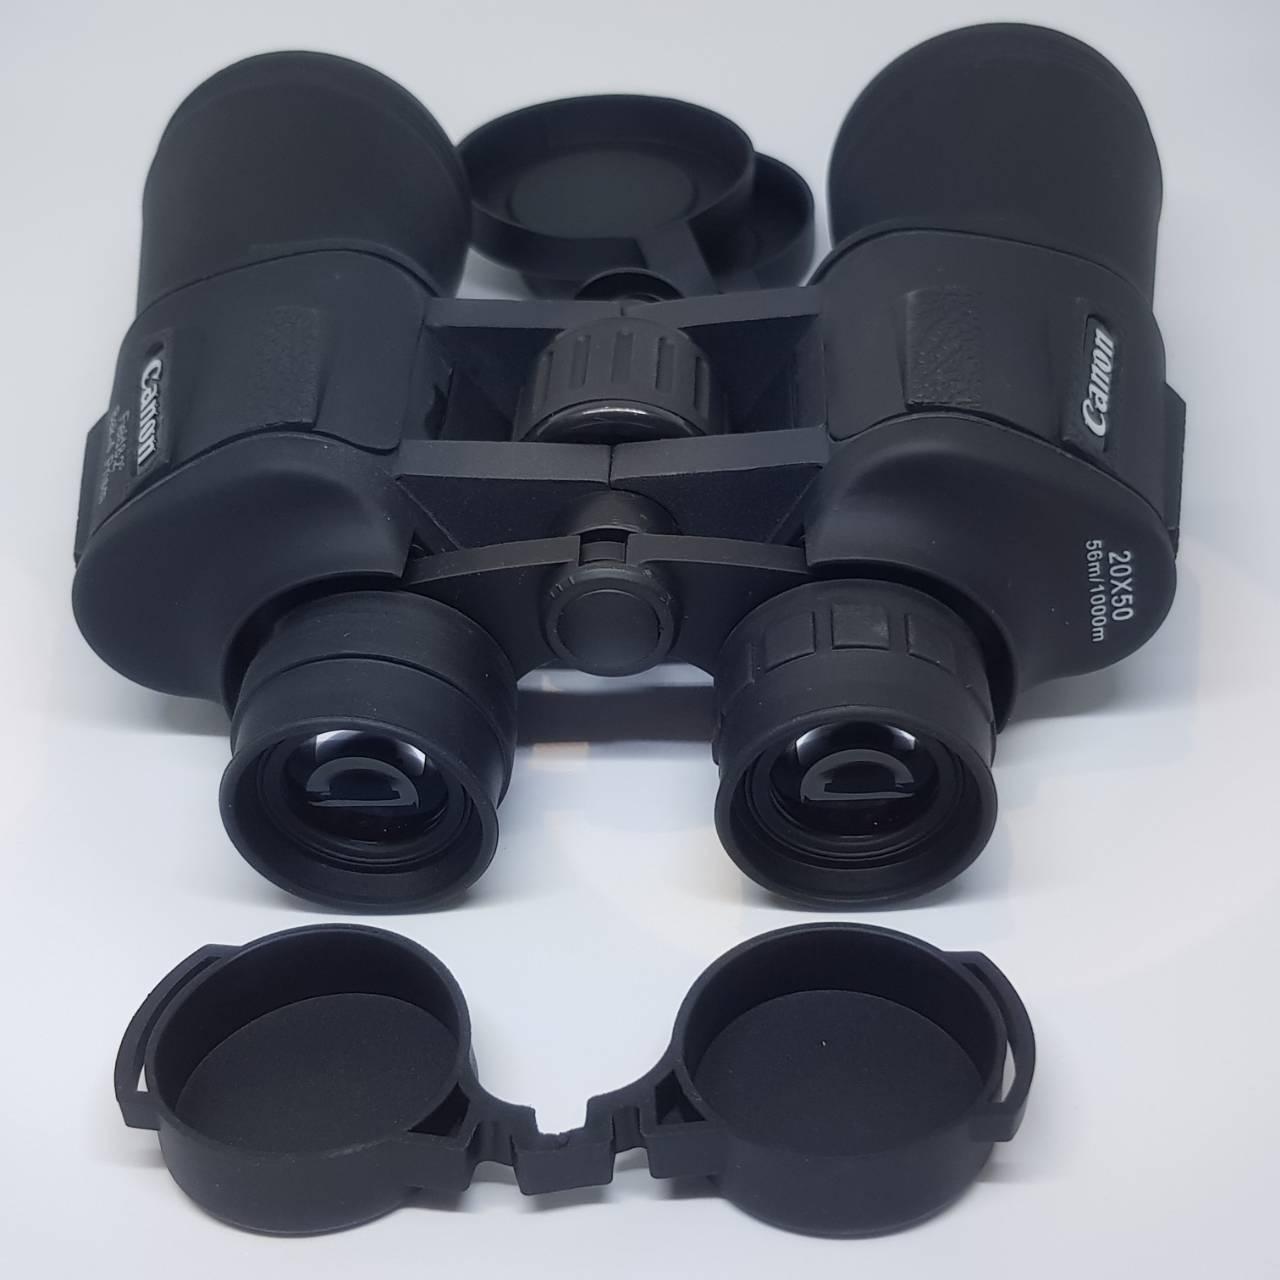 Бинокль прорезиненный с чехлом 20 крат оптика для наблюдения Canon 20x50